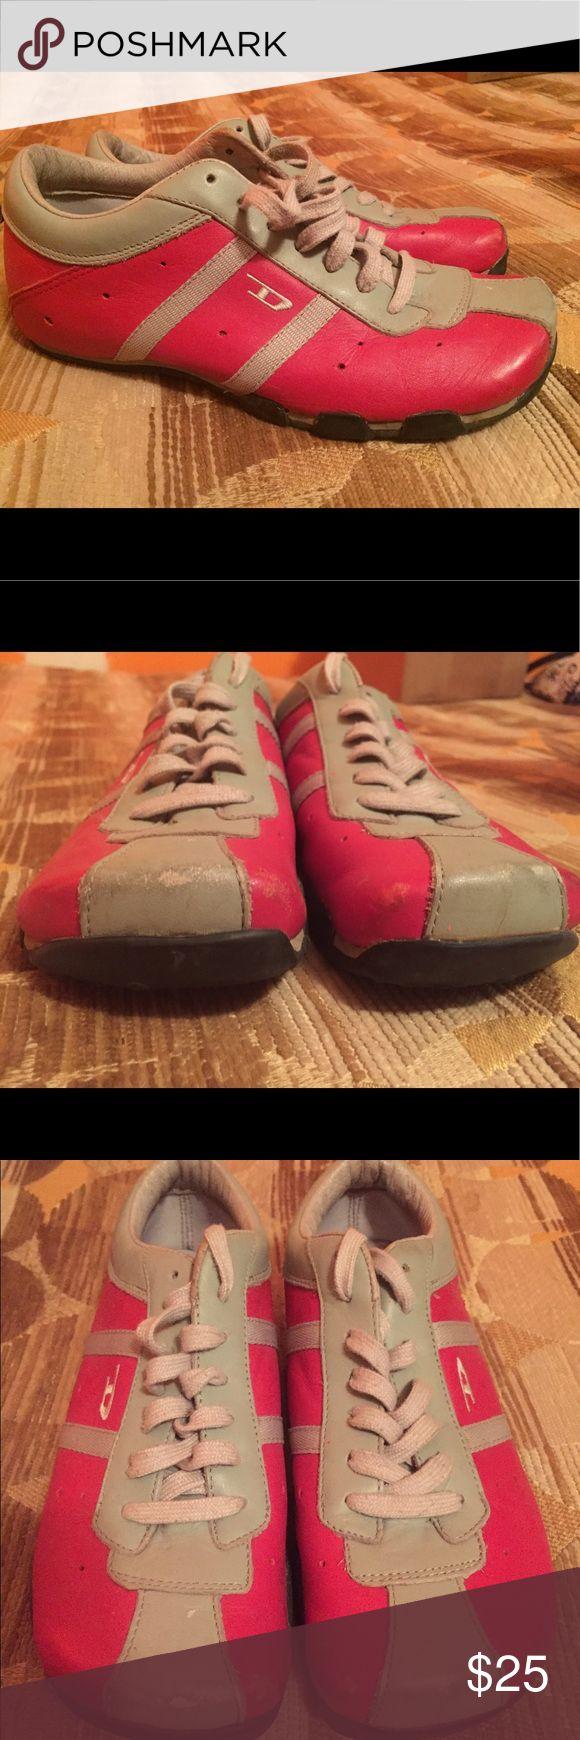 Diesel Evelyn 6.5 Red & Grey 1 pair of Diesel Evelyn in red and grey. Gently worn. See photos. Diesel Shoes Sneakers